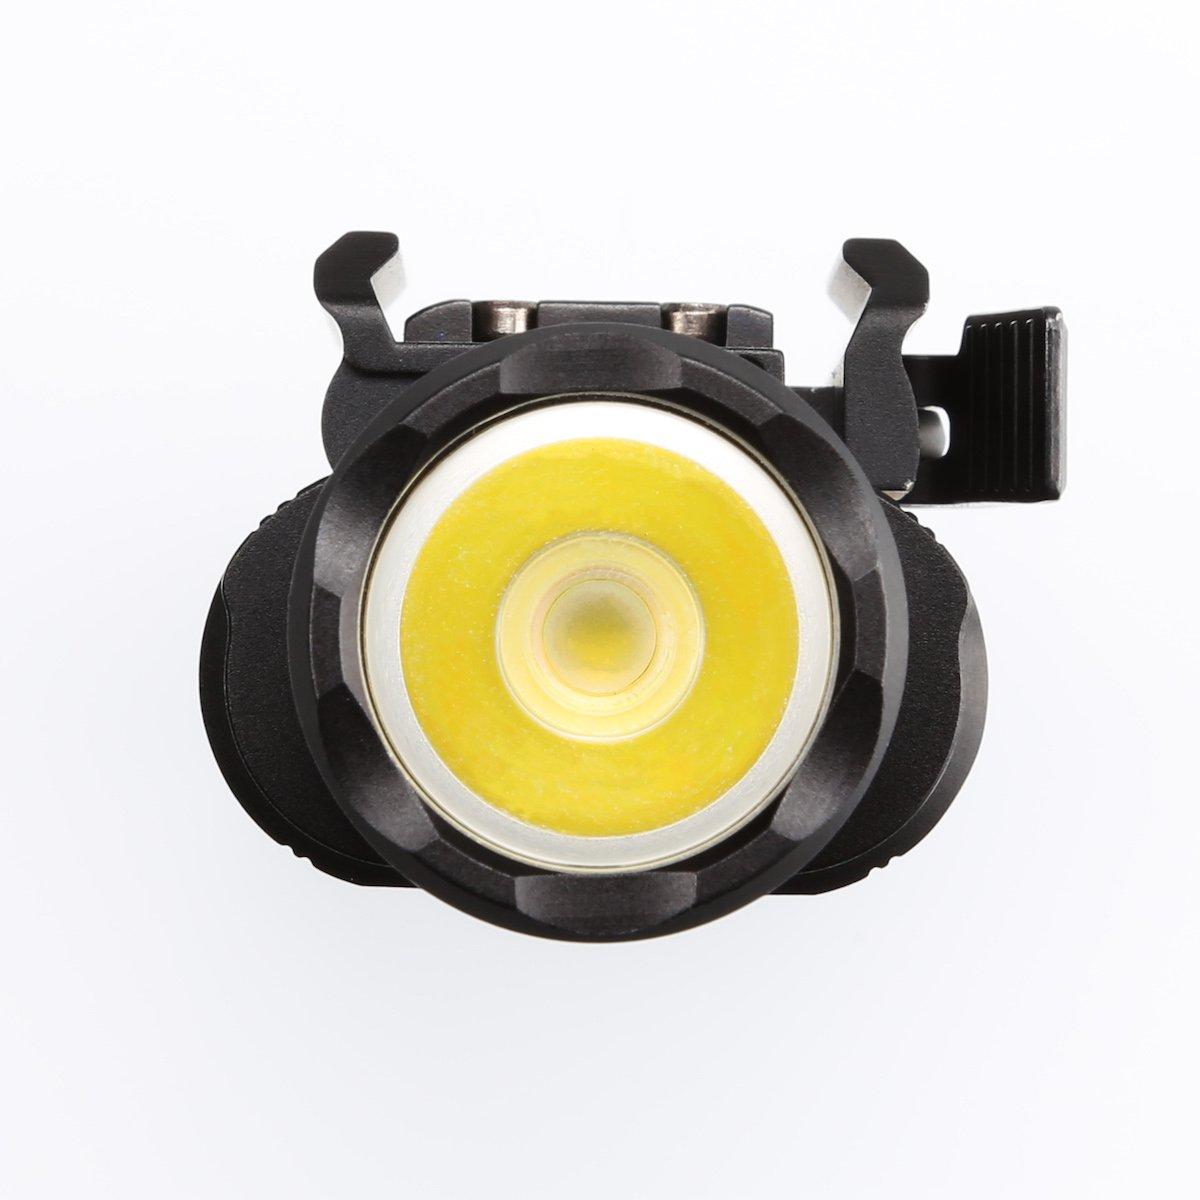 pour Arme Fusil Auto-d/éfense 1200 lumens LED CREE XHP35 Forces de l/'Ordre OLIGHT PL-2 VALKYRIE Lampe Torche Militaire Tactique Pistolet Max Compatible avec des Rails MIL-STD-1913 et Glock